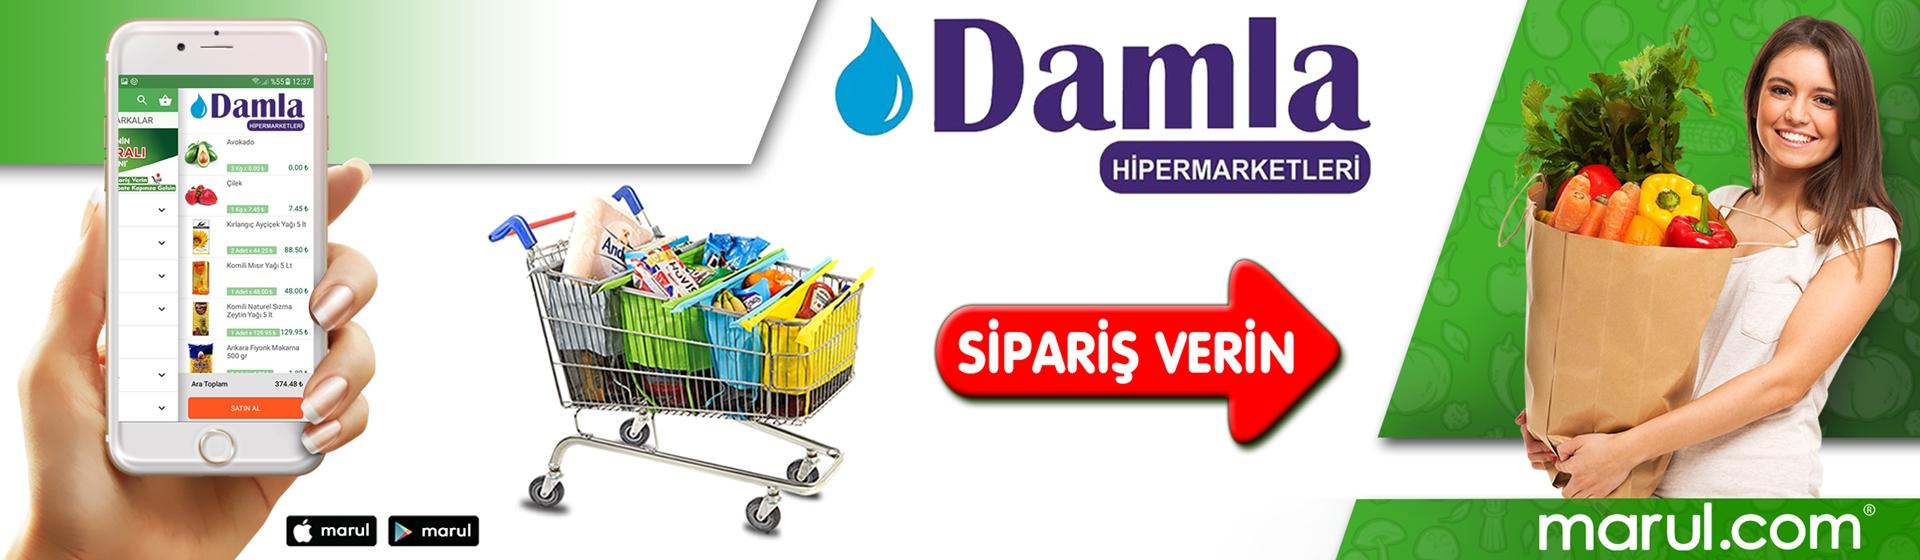 istanbul pendik damla hipermarket online market siparişi